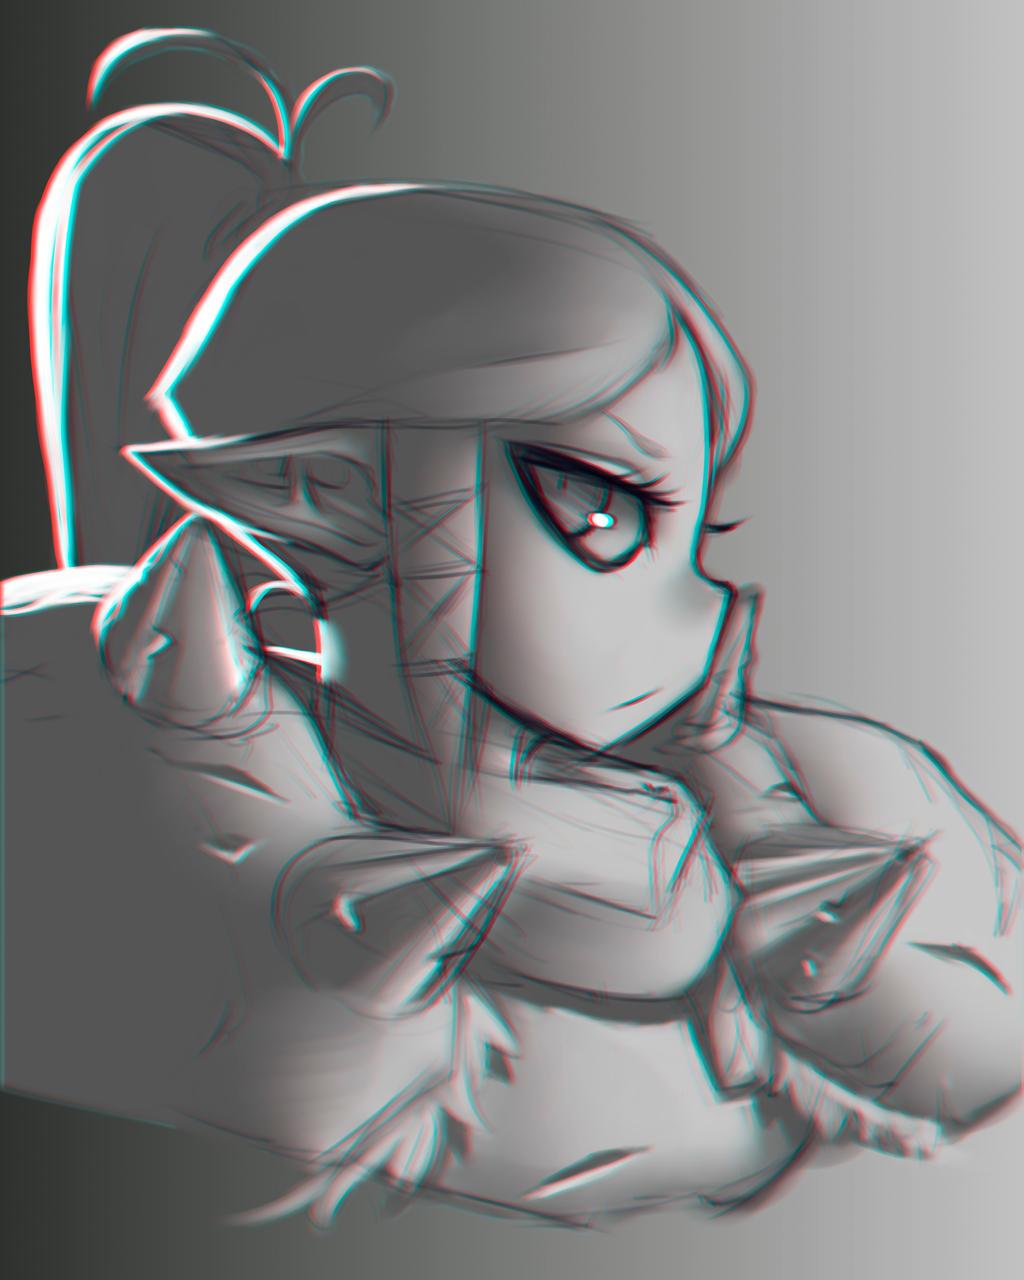 sketch - HEAVY ARMOR by Foraster0